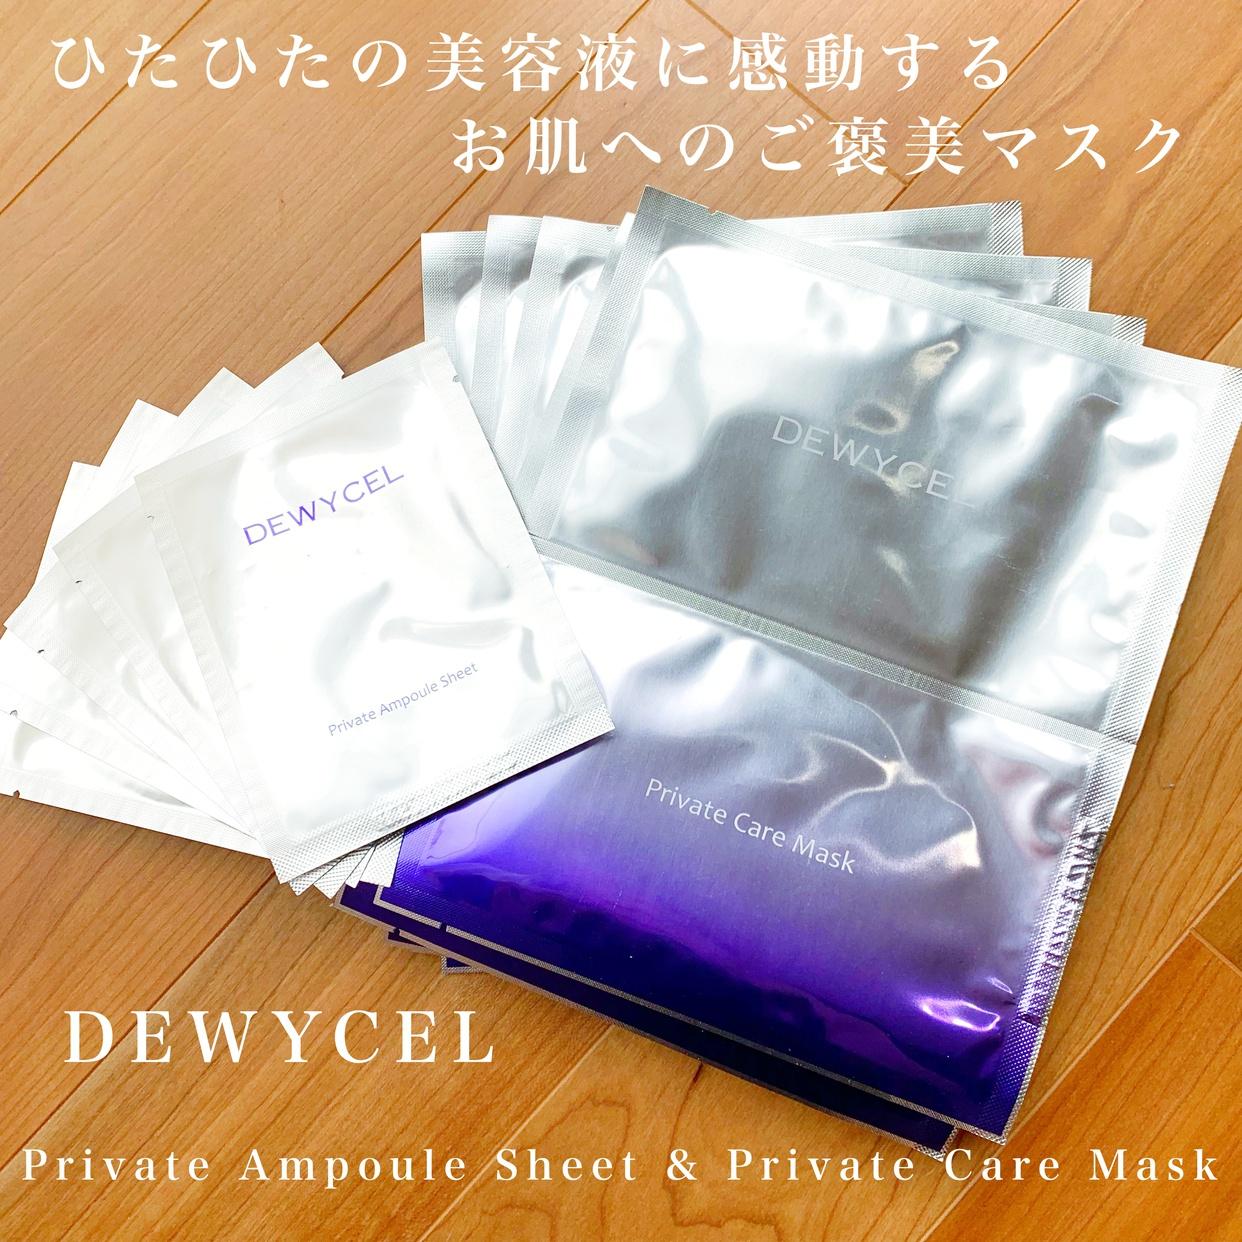 DEWYCEL(デュイセル) プライベート ケア マスクの良い点・メリットに関するKeiさんの口コミ画像1